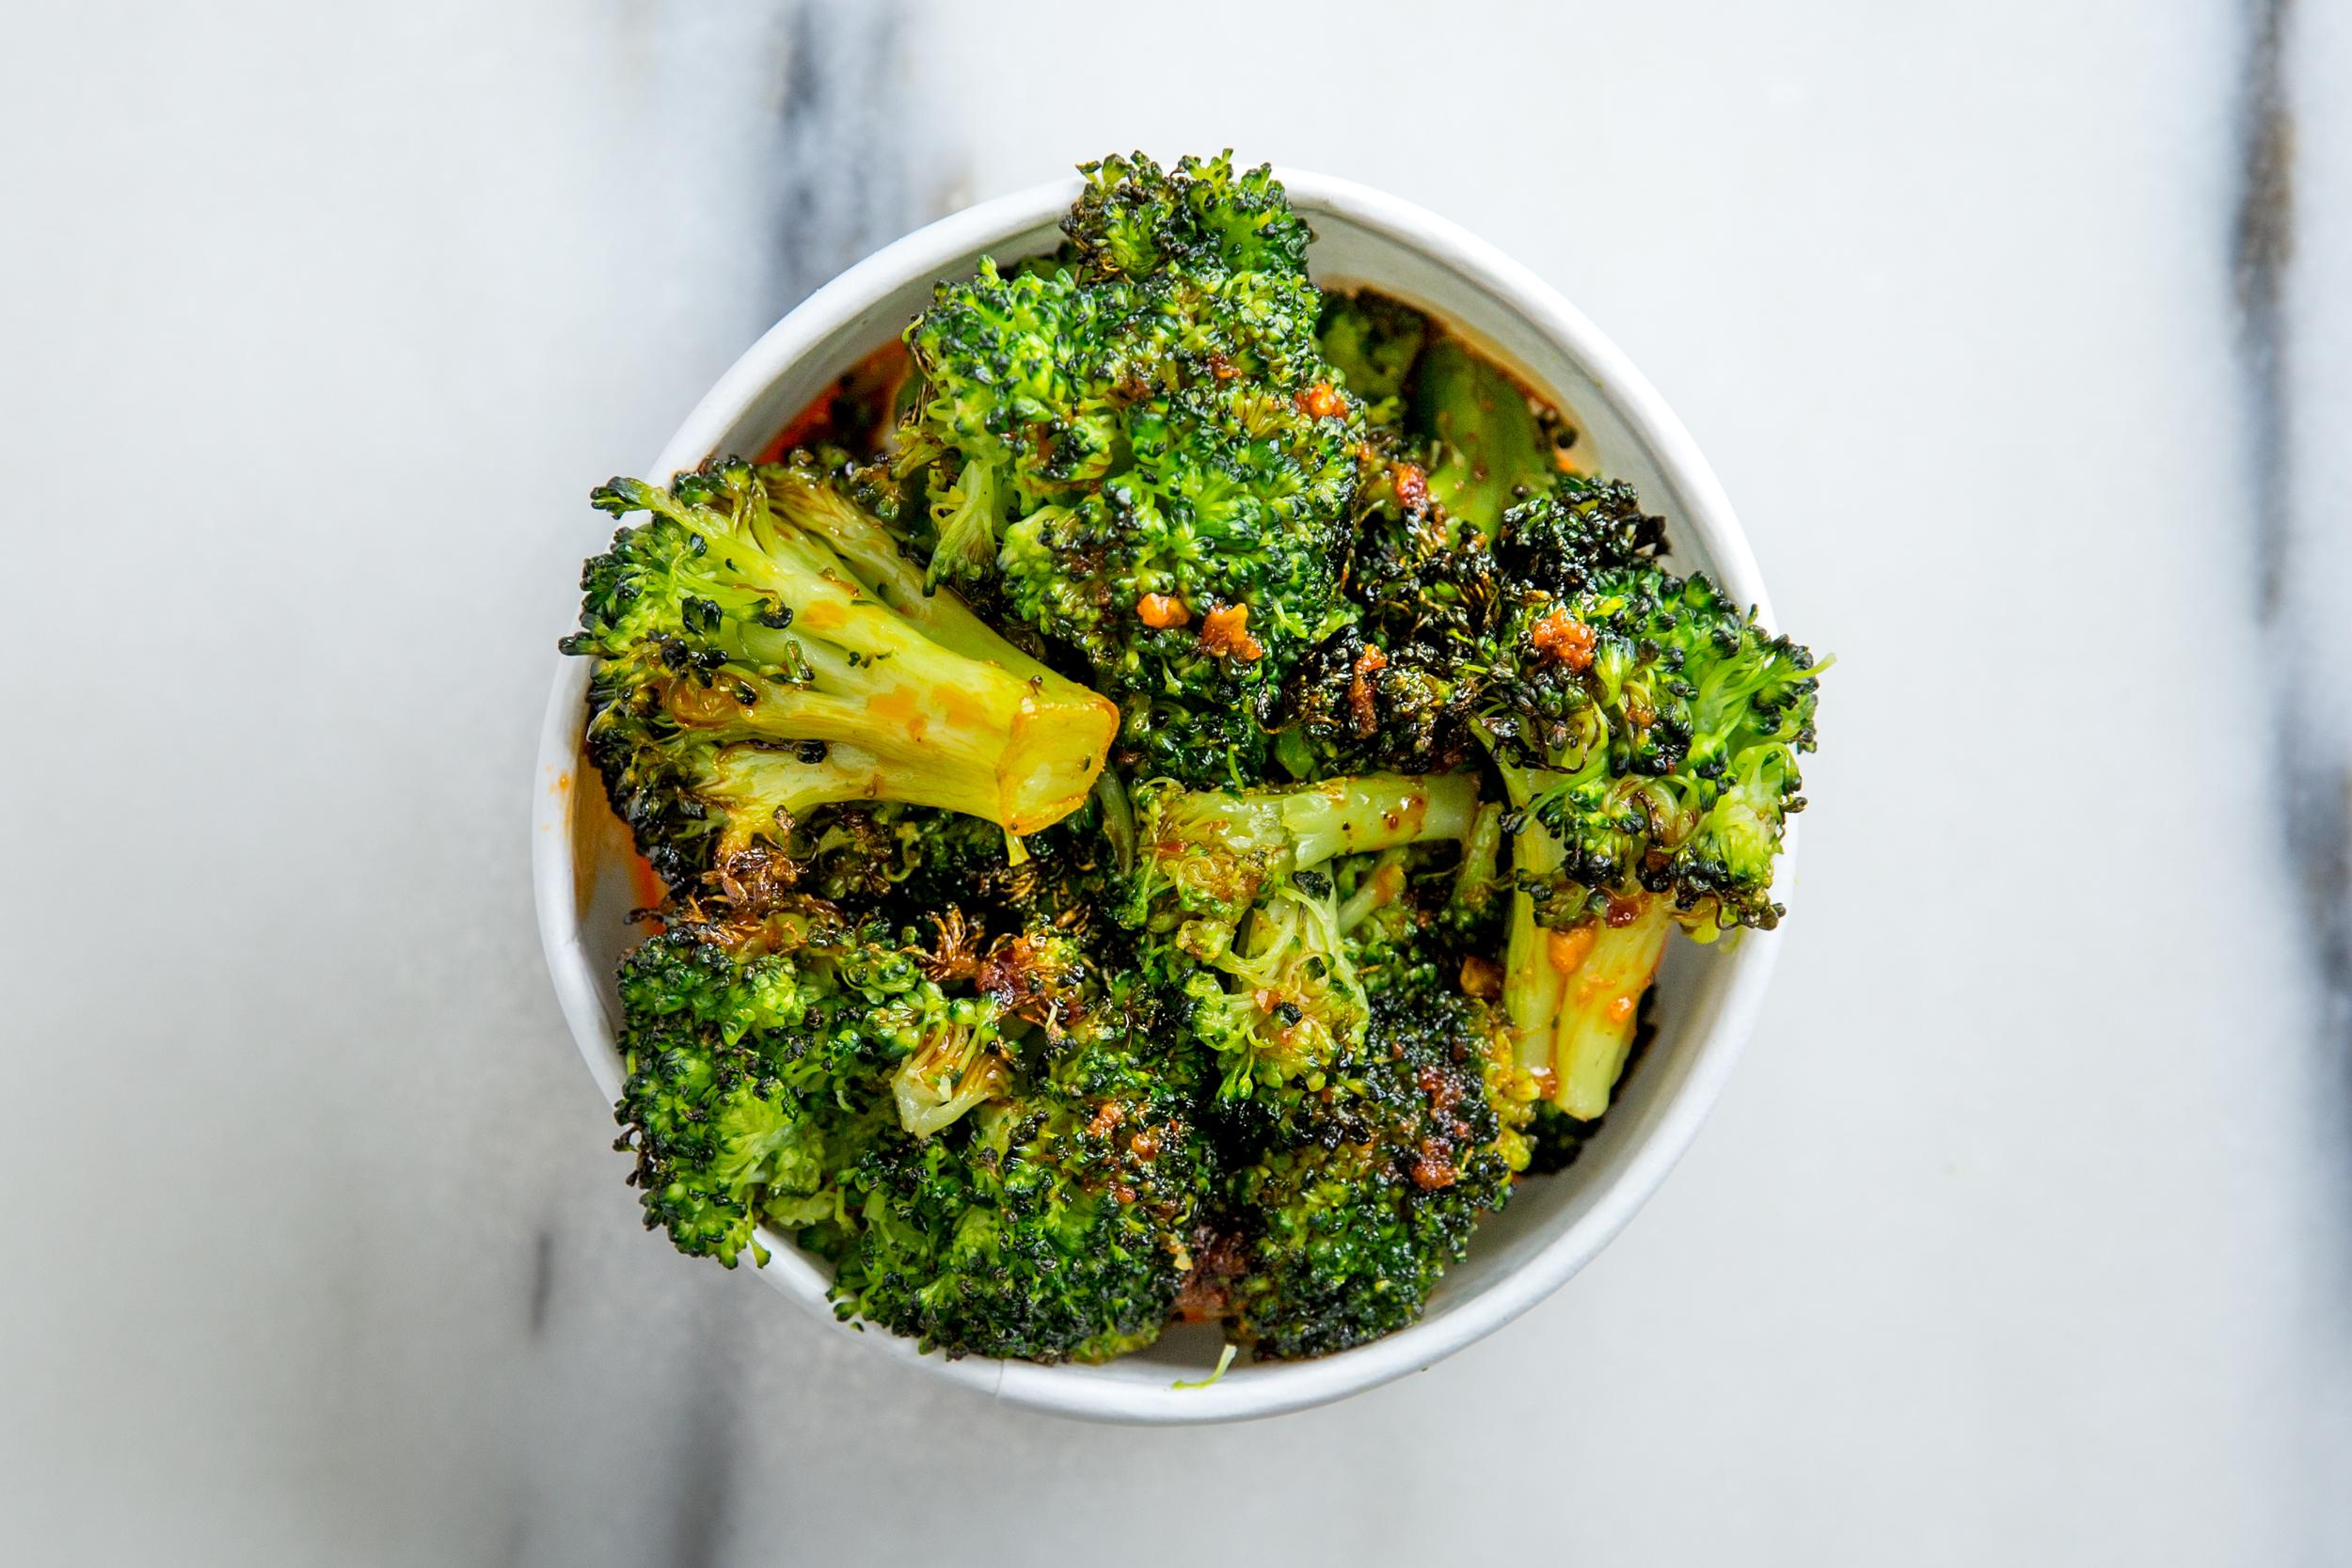 Broccoli+Chili-Garlic - $3.95